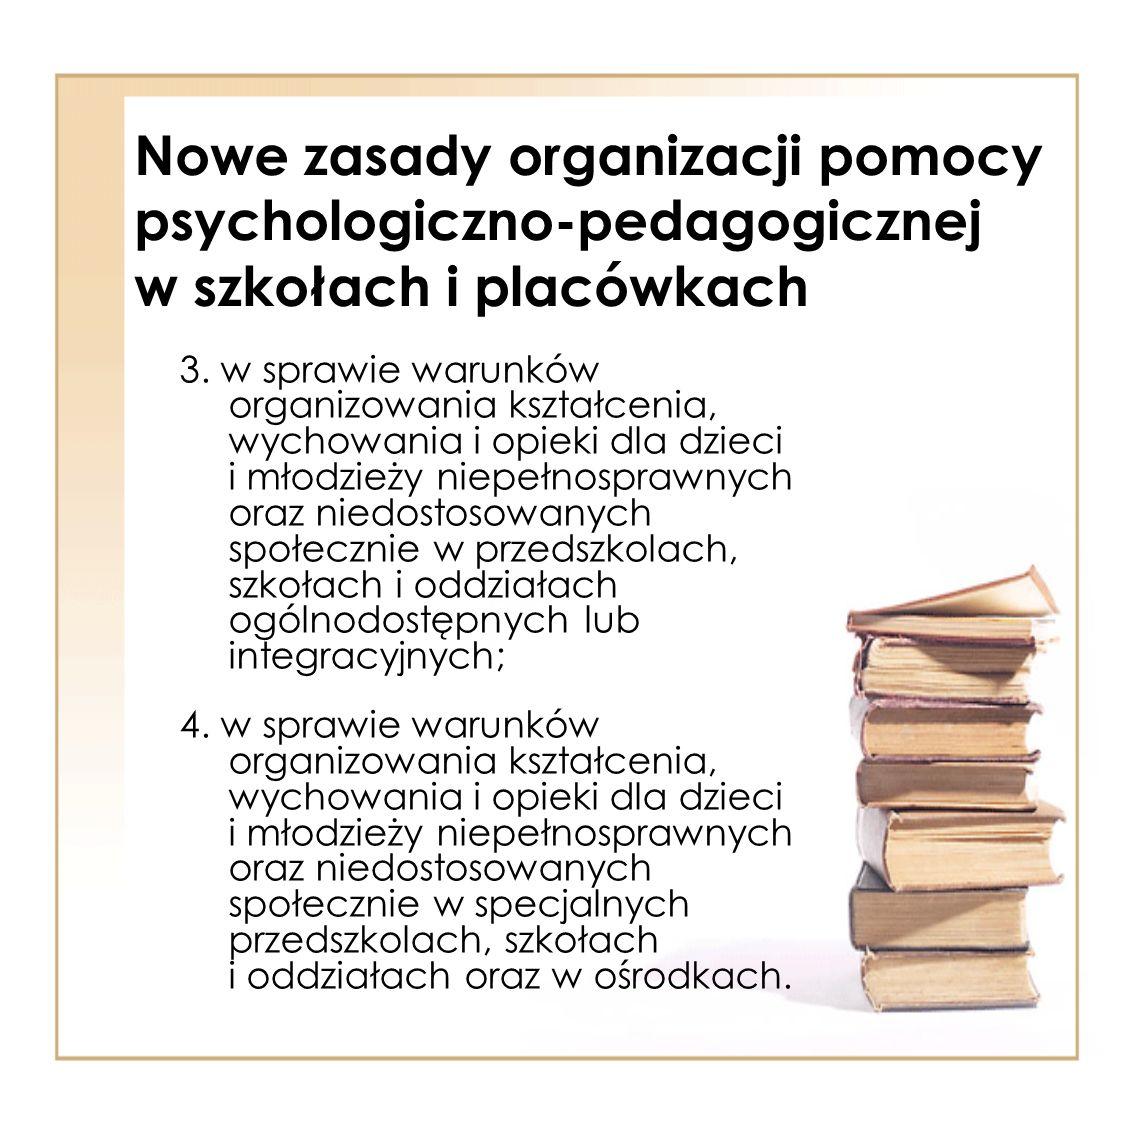 Praca ZESPOŁU Pomoc psychologiczno- pedagogiczna w przedszkolu, szkole lub placówce przez nauczycieli, wychowawców grupy wychowawczej i specjalistów tworzących Zespół we współpracy z: 1.rodzicami ; 2) poradniami psychologiczno - pedagogicznymi, w tym poradniami specjalistycznymi ; 3) placówkami doskonalenia nauczycieli ; 4) innymi przedszkolami, szkołami i placówkami ; 5) podmiotami działającymi na rzecz rodziny, dzieci i młodzieży.